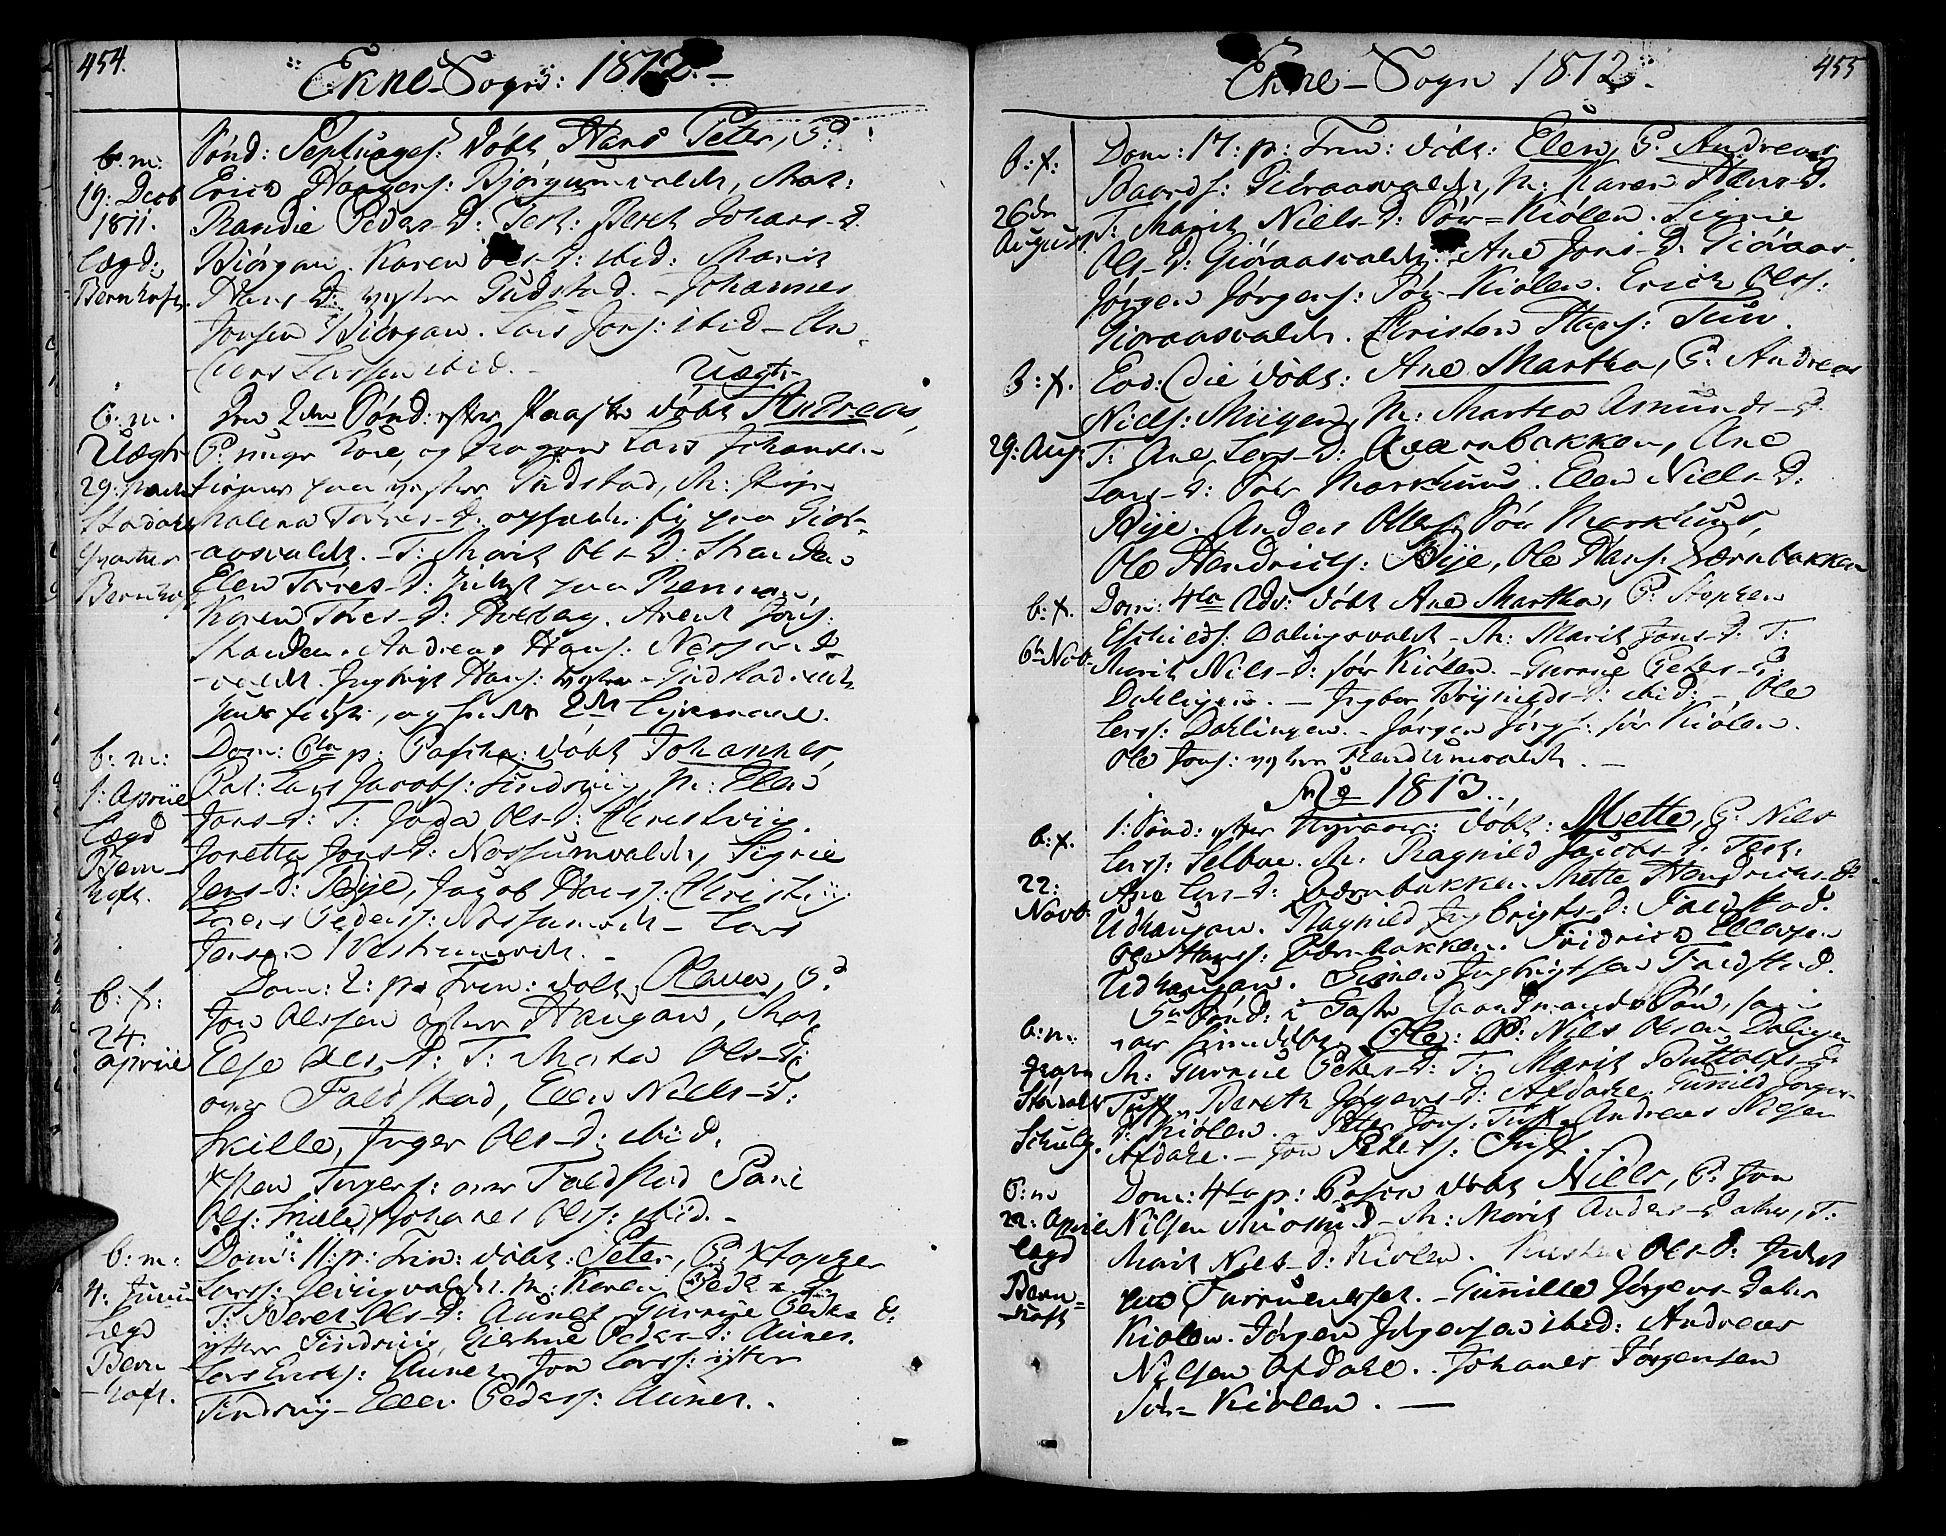 SAT, Ministerialprotokoller, klokkerbøker og fødselsregistre - Nord-Trøndelag, 717/L0145: Ministerialbok nr. 717A03 /2, 1810-1815, s. 454-455